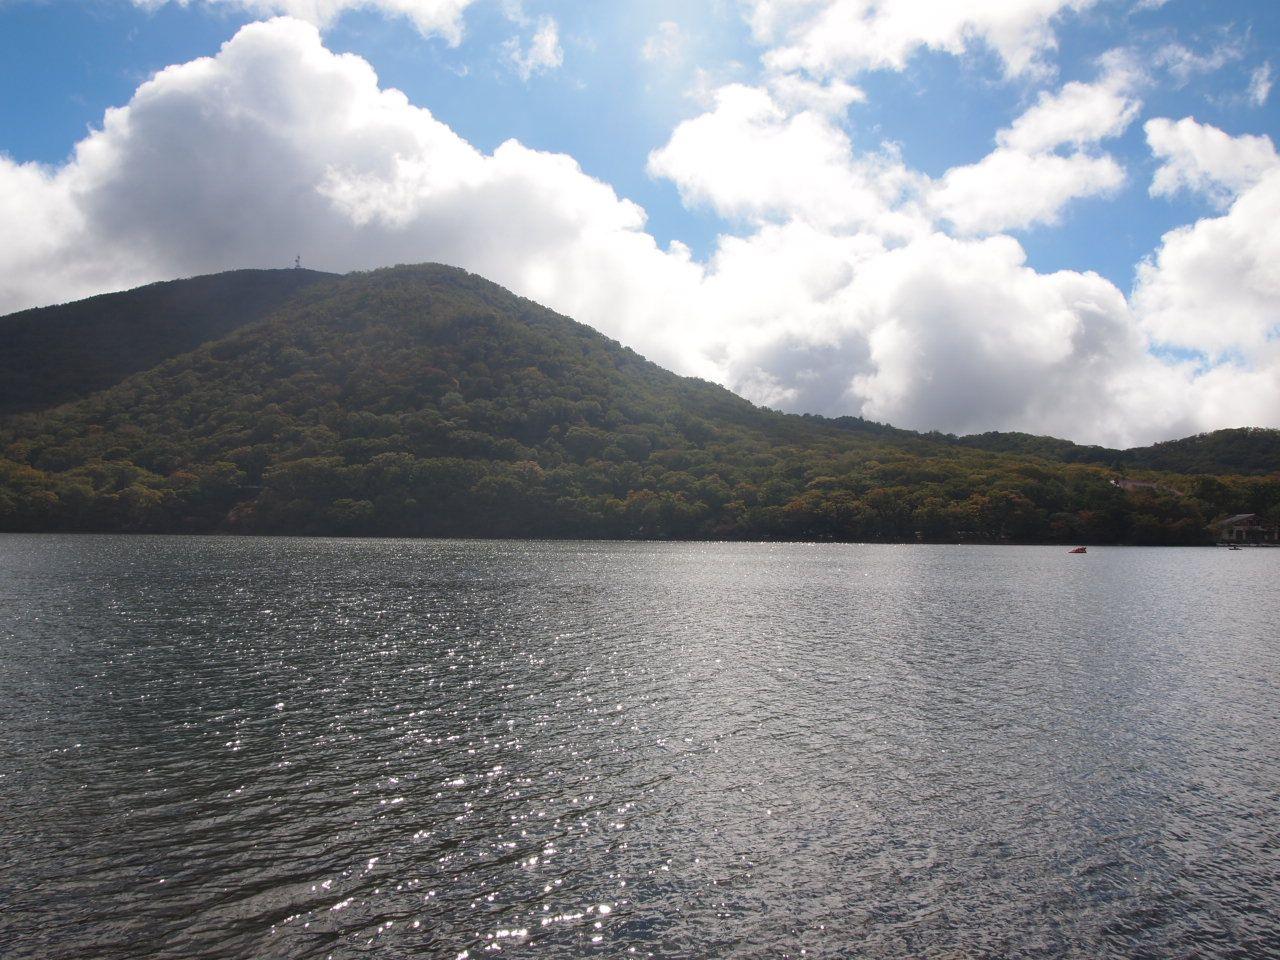 ものすごい爽快感!!山頂の大沼湖畔で散策を楽しもう♪